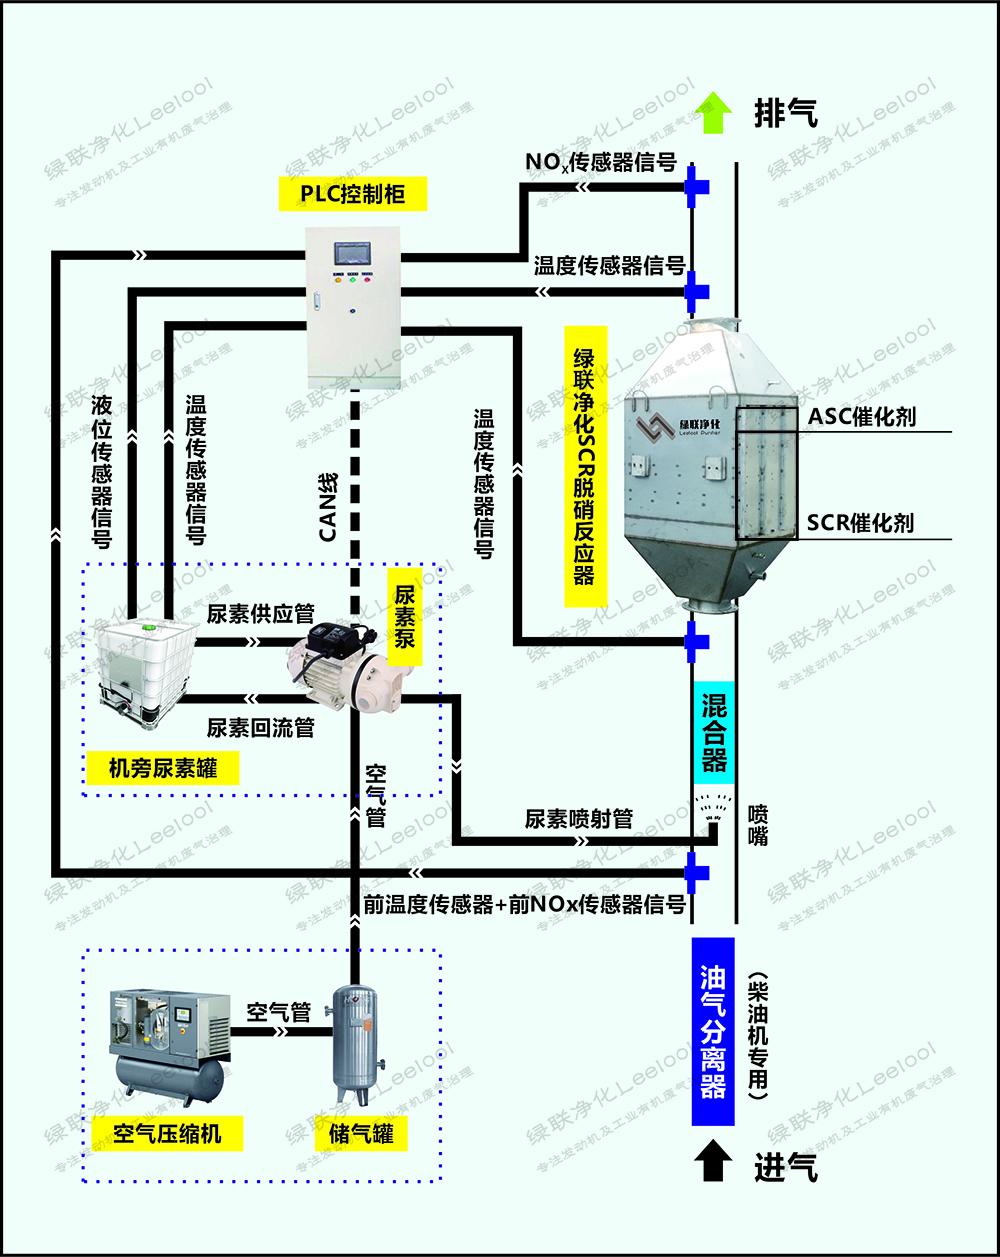 绿联净化脱硝系统控制流程图